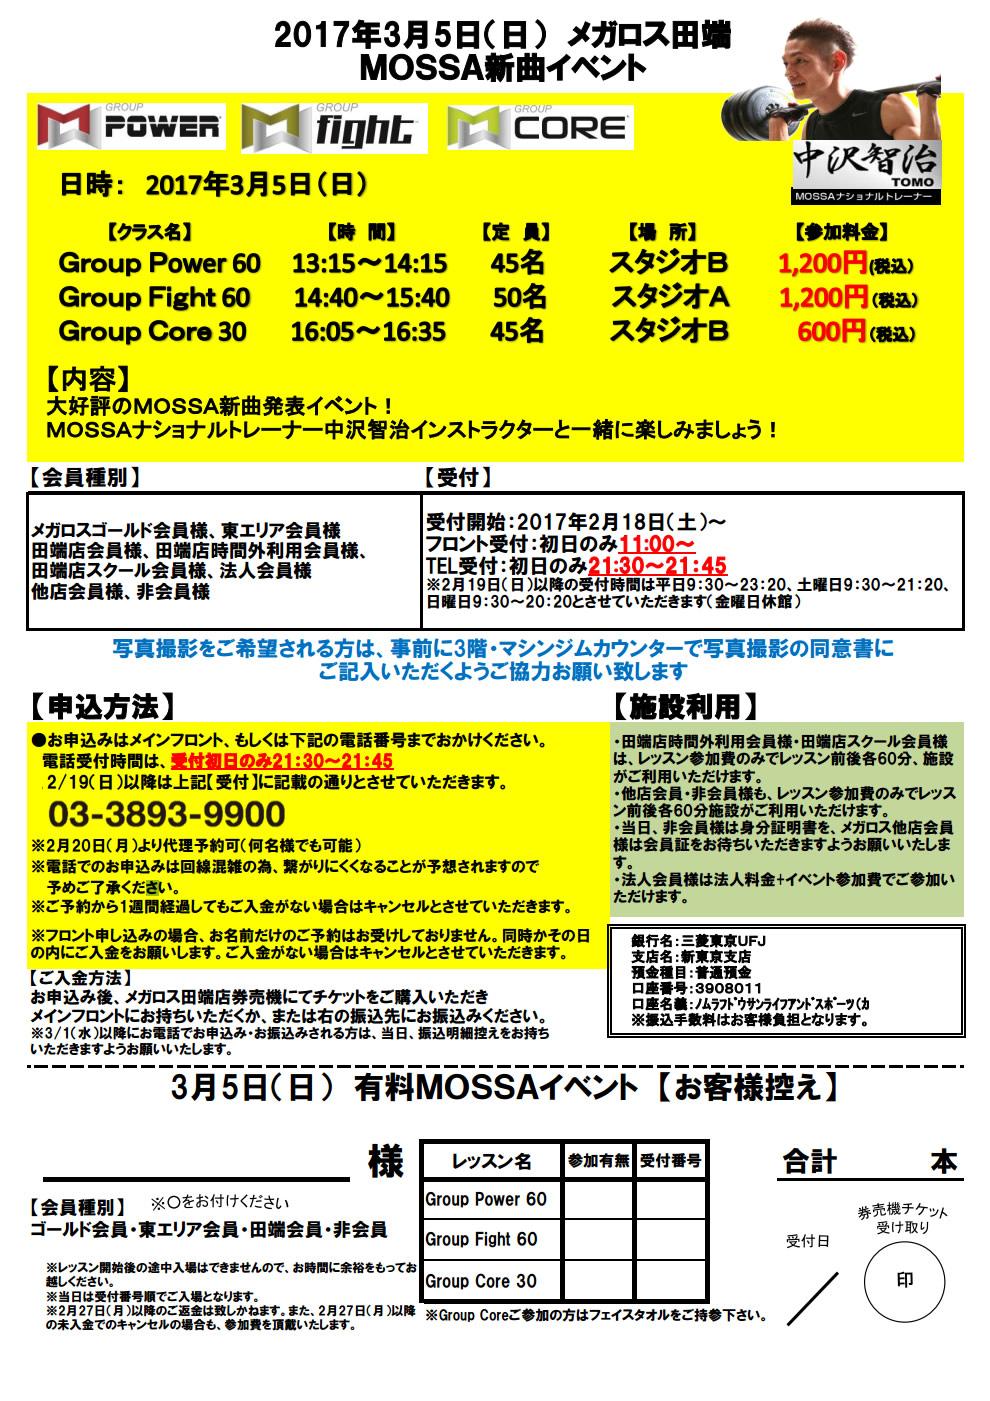 メガロス田端TomoナショナルトレーナーJan17イベントPOP